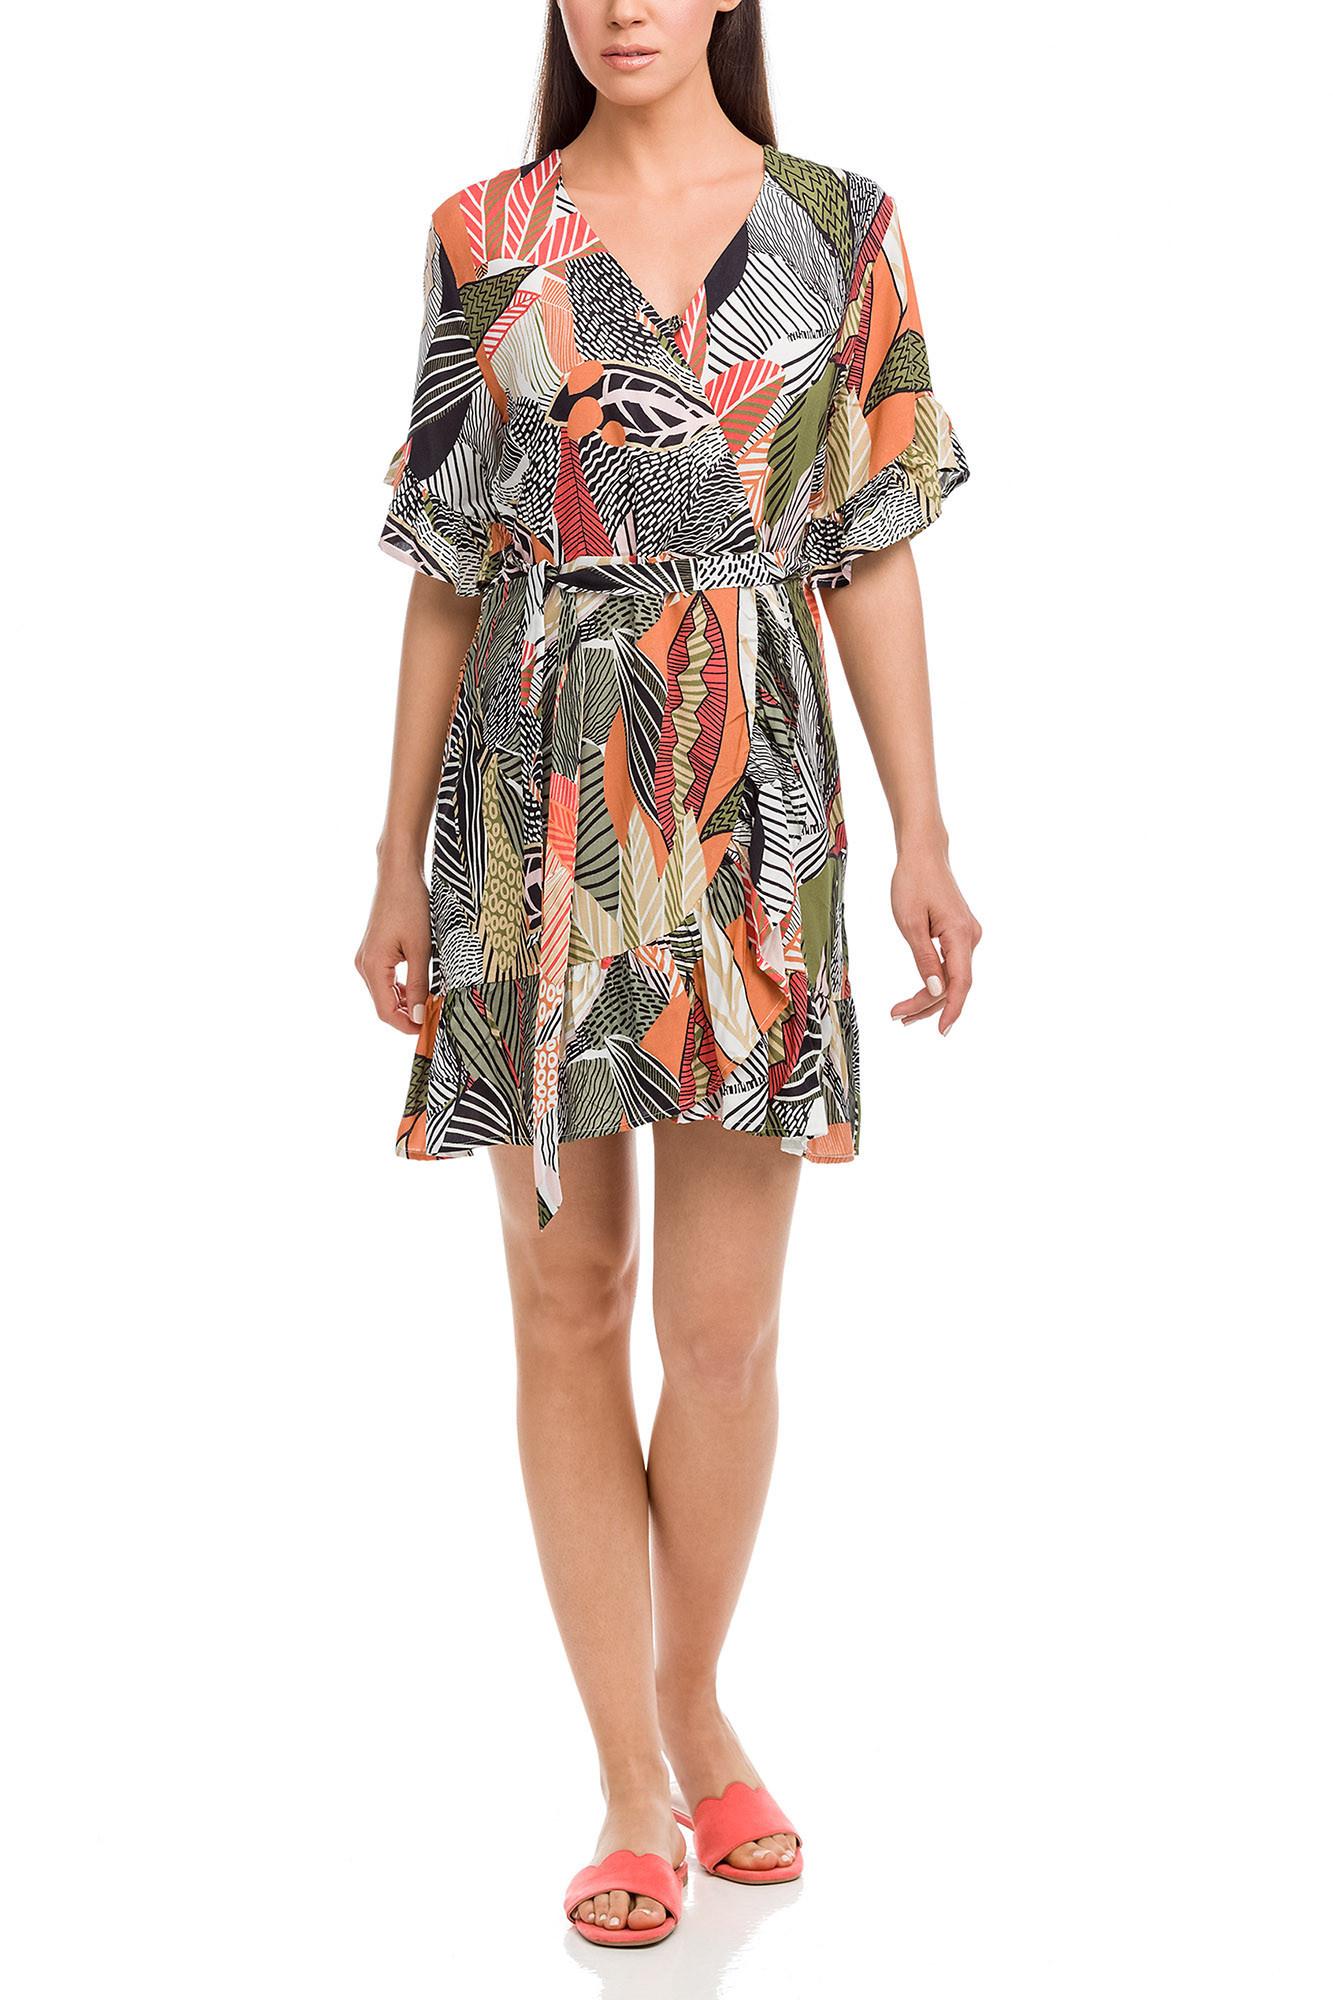 Vamp - Dámske šaty 12531 - Vamp coral spark xxl